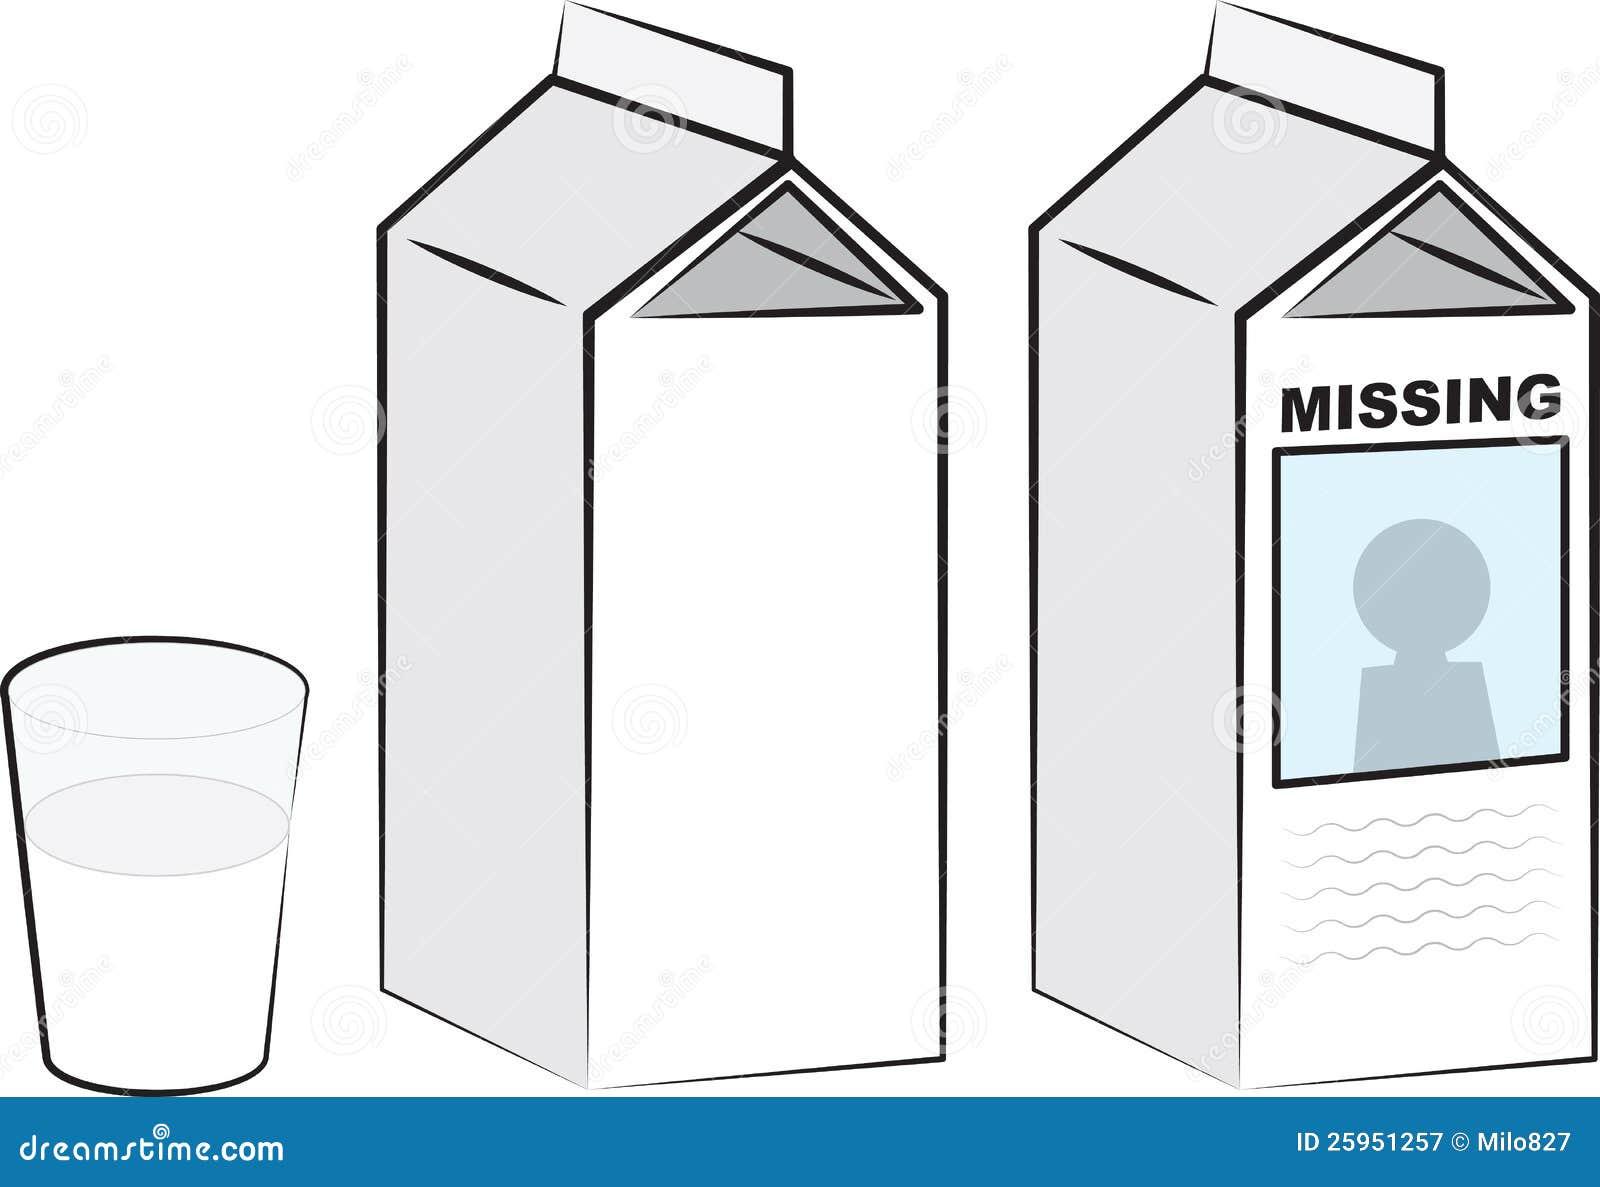 milk carton missing milk cartons